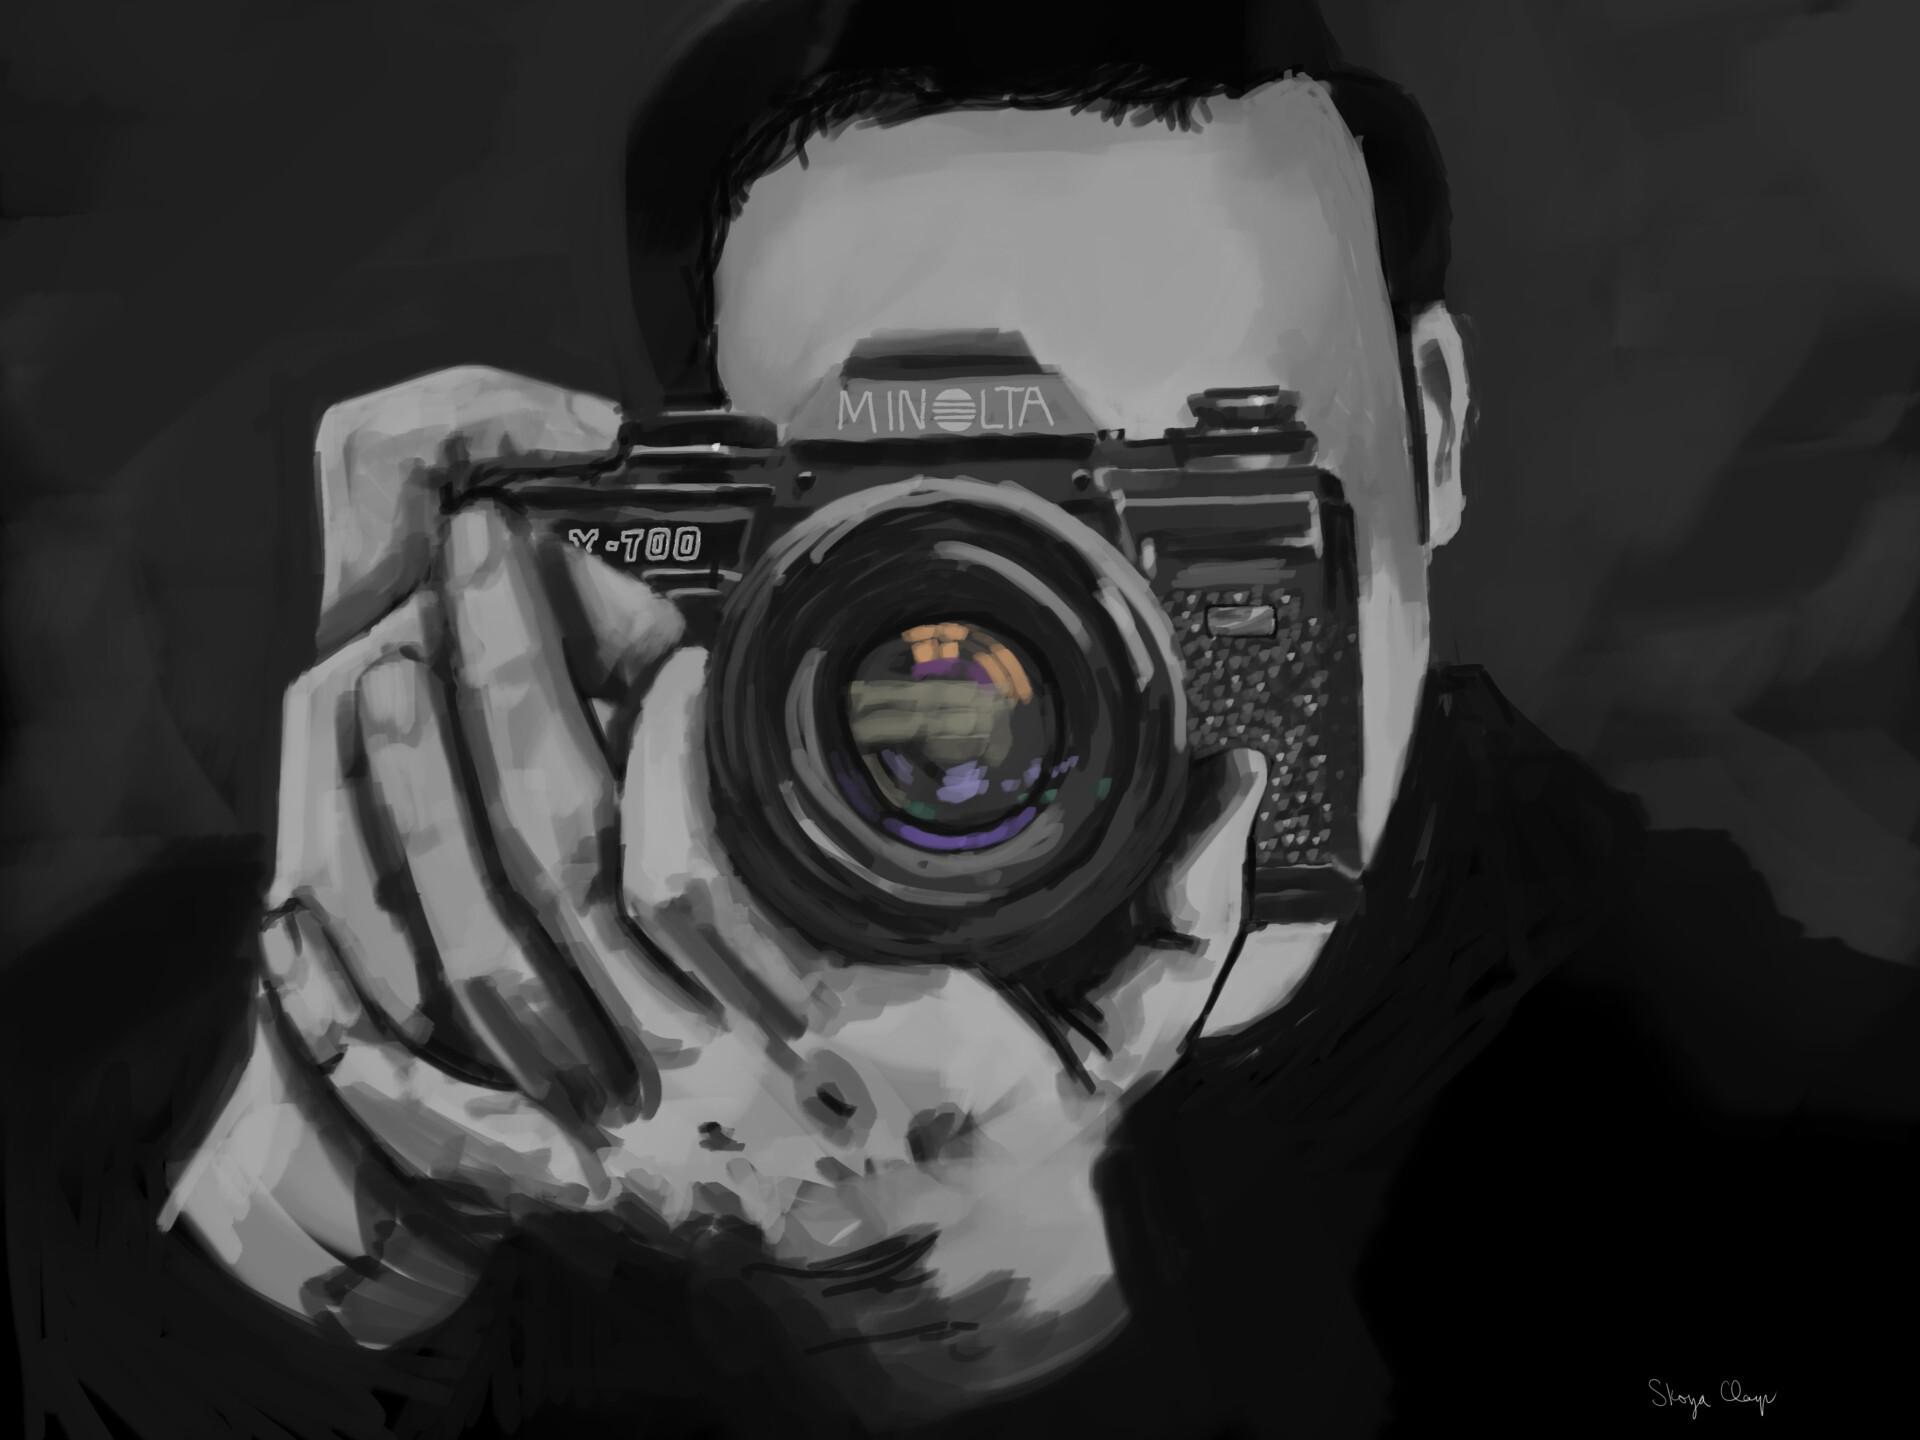 Skoya clayr photographyredditexchange